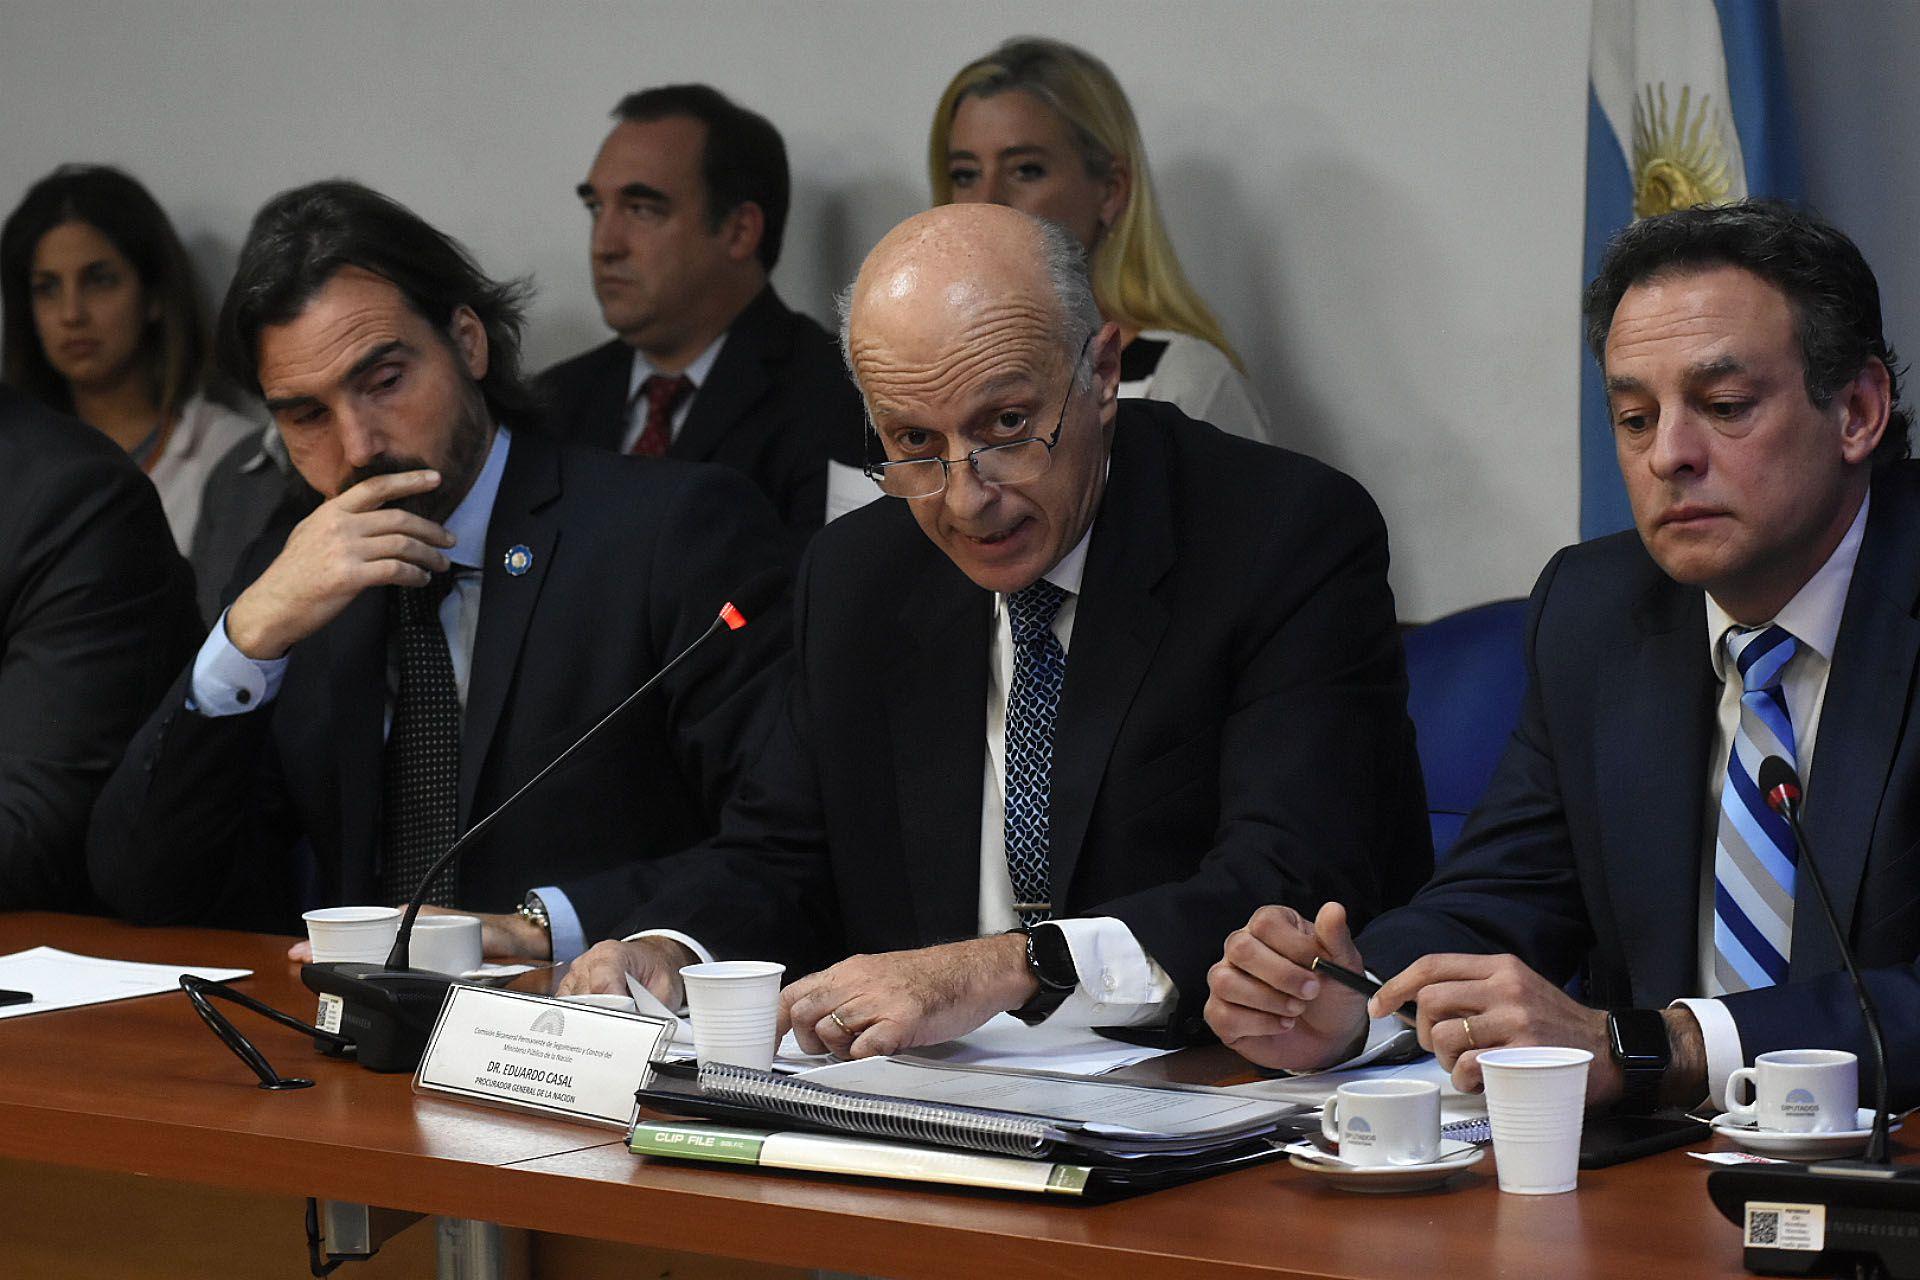 El Procurador cree que el proyecto presentado va en contra del sistema acusatorio (Nicolás Stulberg)